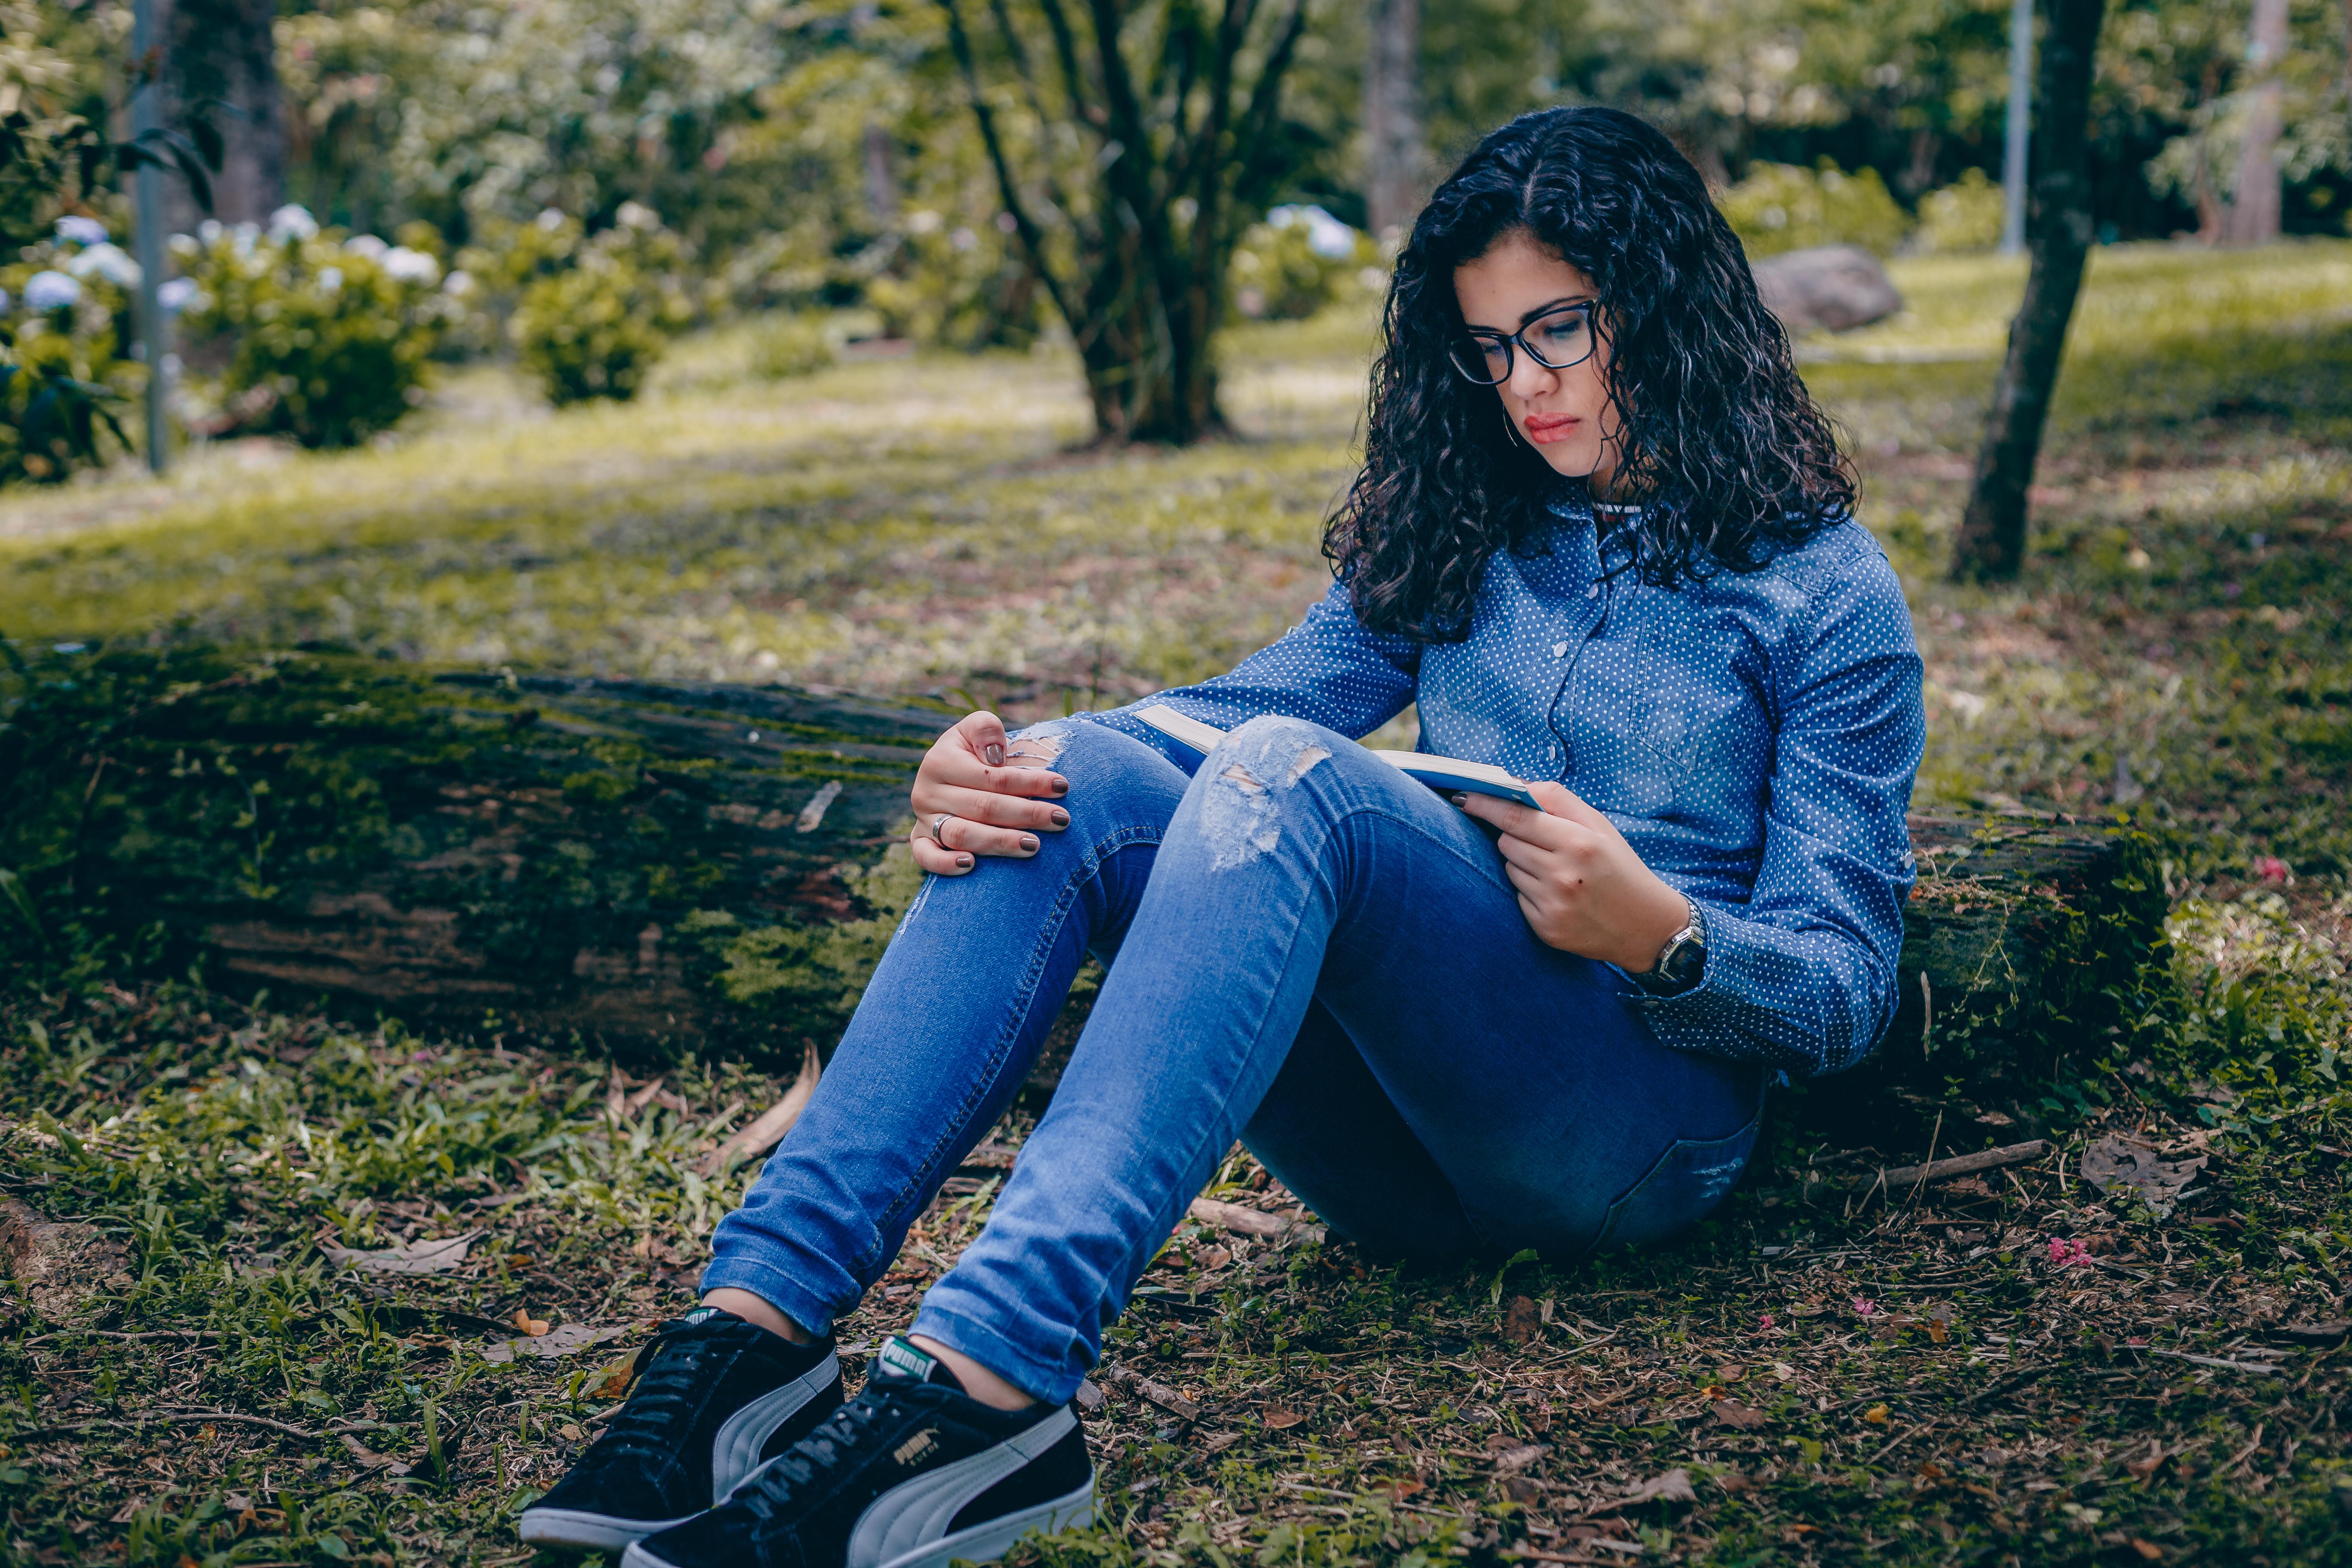 Unknown Celebrity Sitting in Green Grass